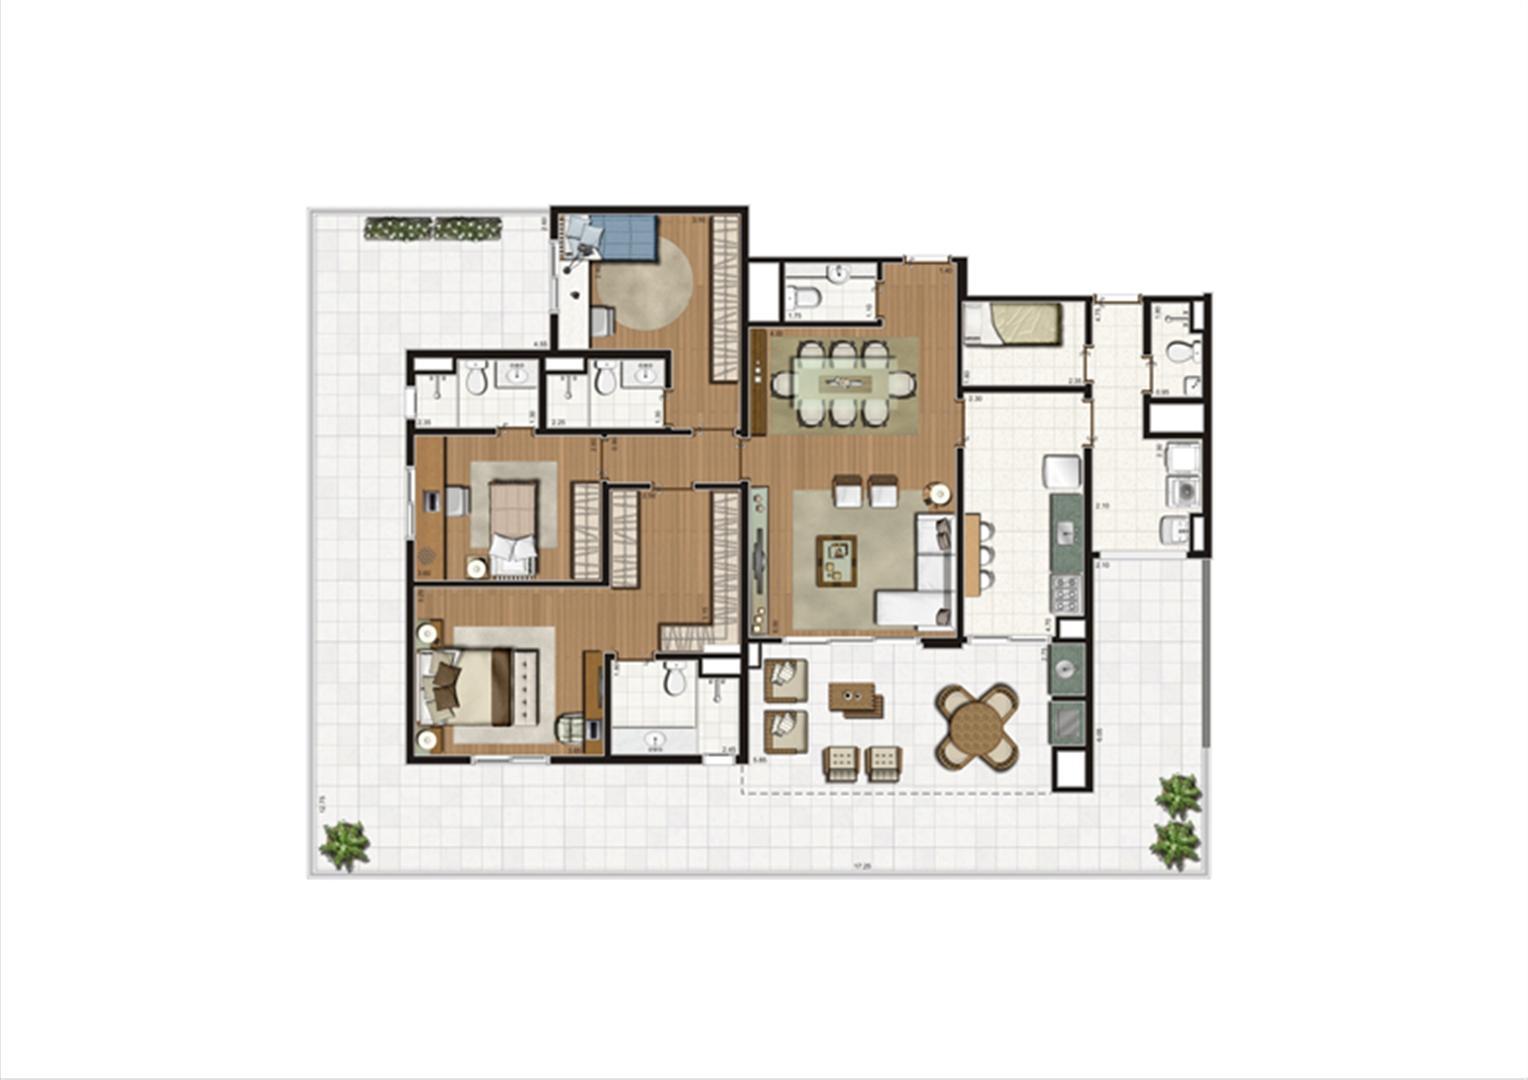 Planta Giardino 214 m² | Luzes da Mooca - Villaggio Luna – Apartamento na  Mooca - São Paulo - São Paulo